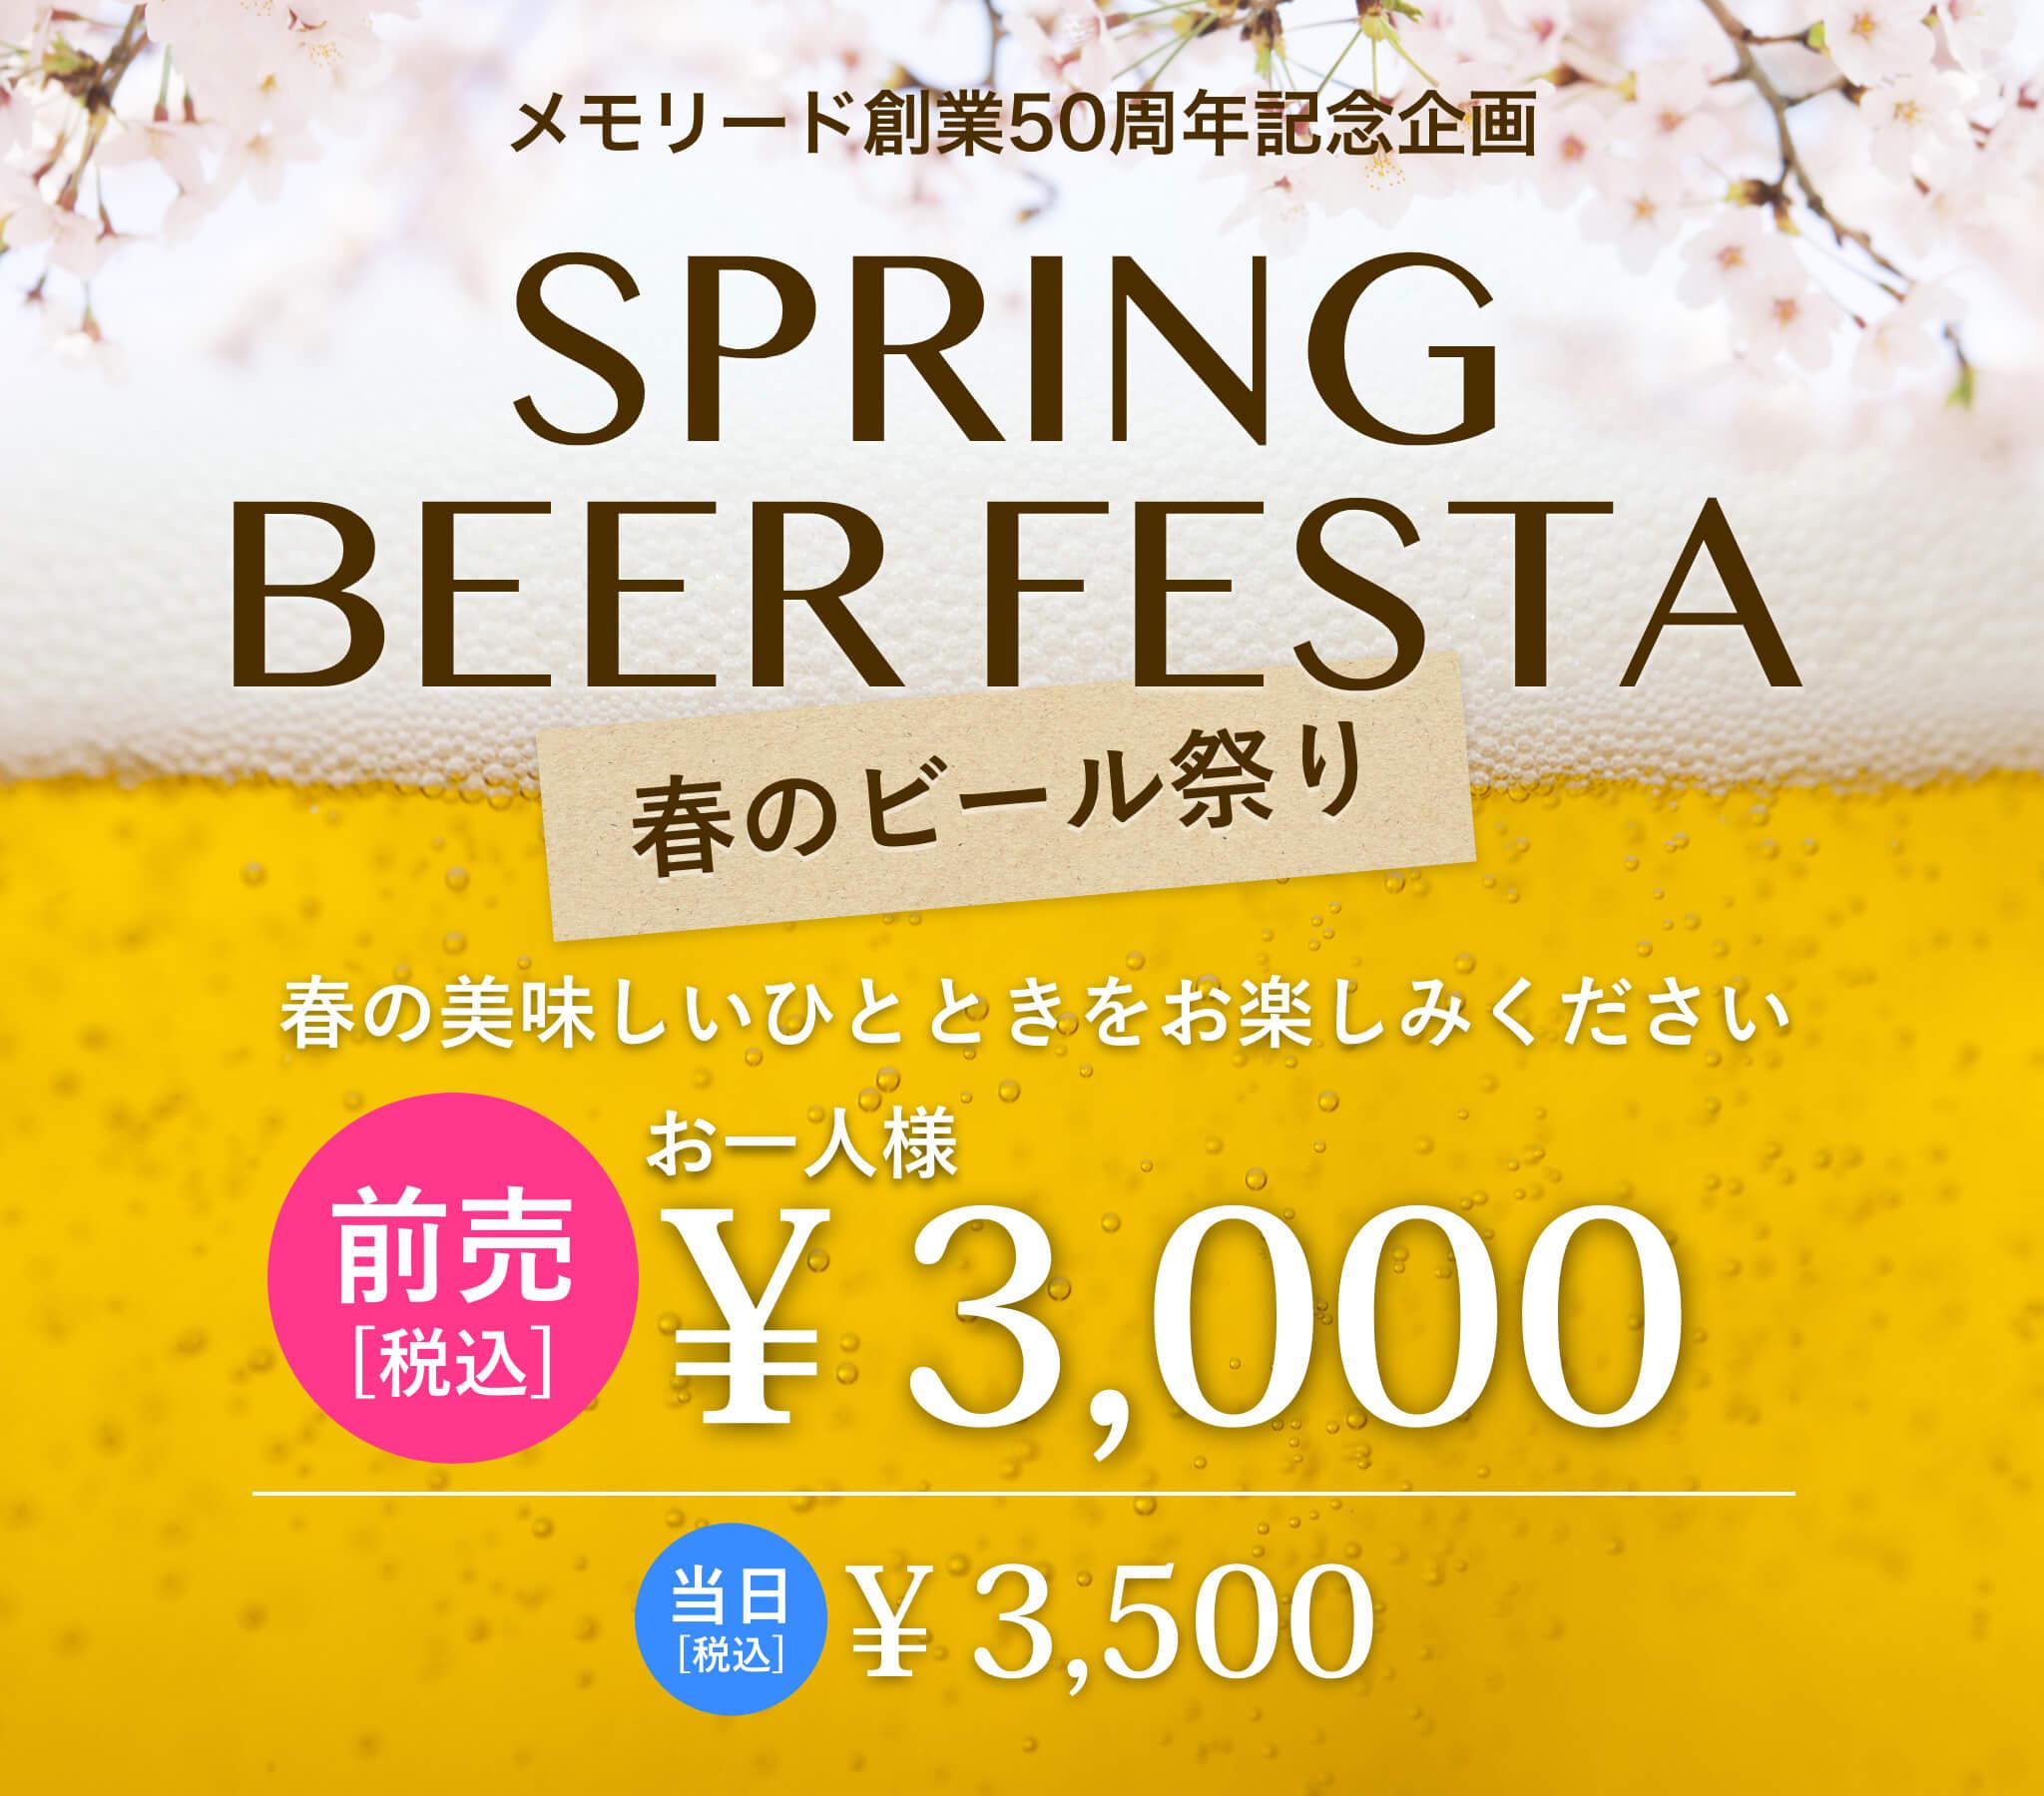 メモリード50周年記念企画 春のビール祭り前売¥3,000当日¥3,500